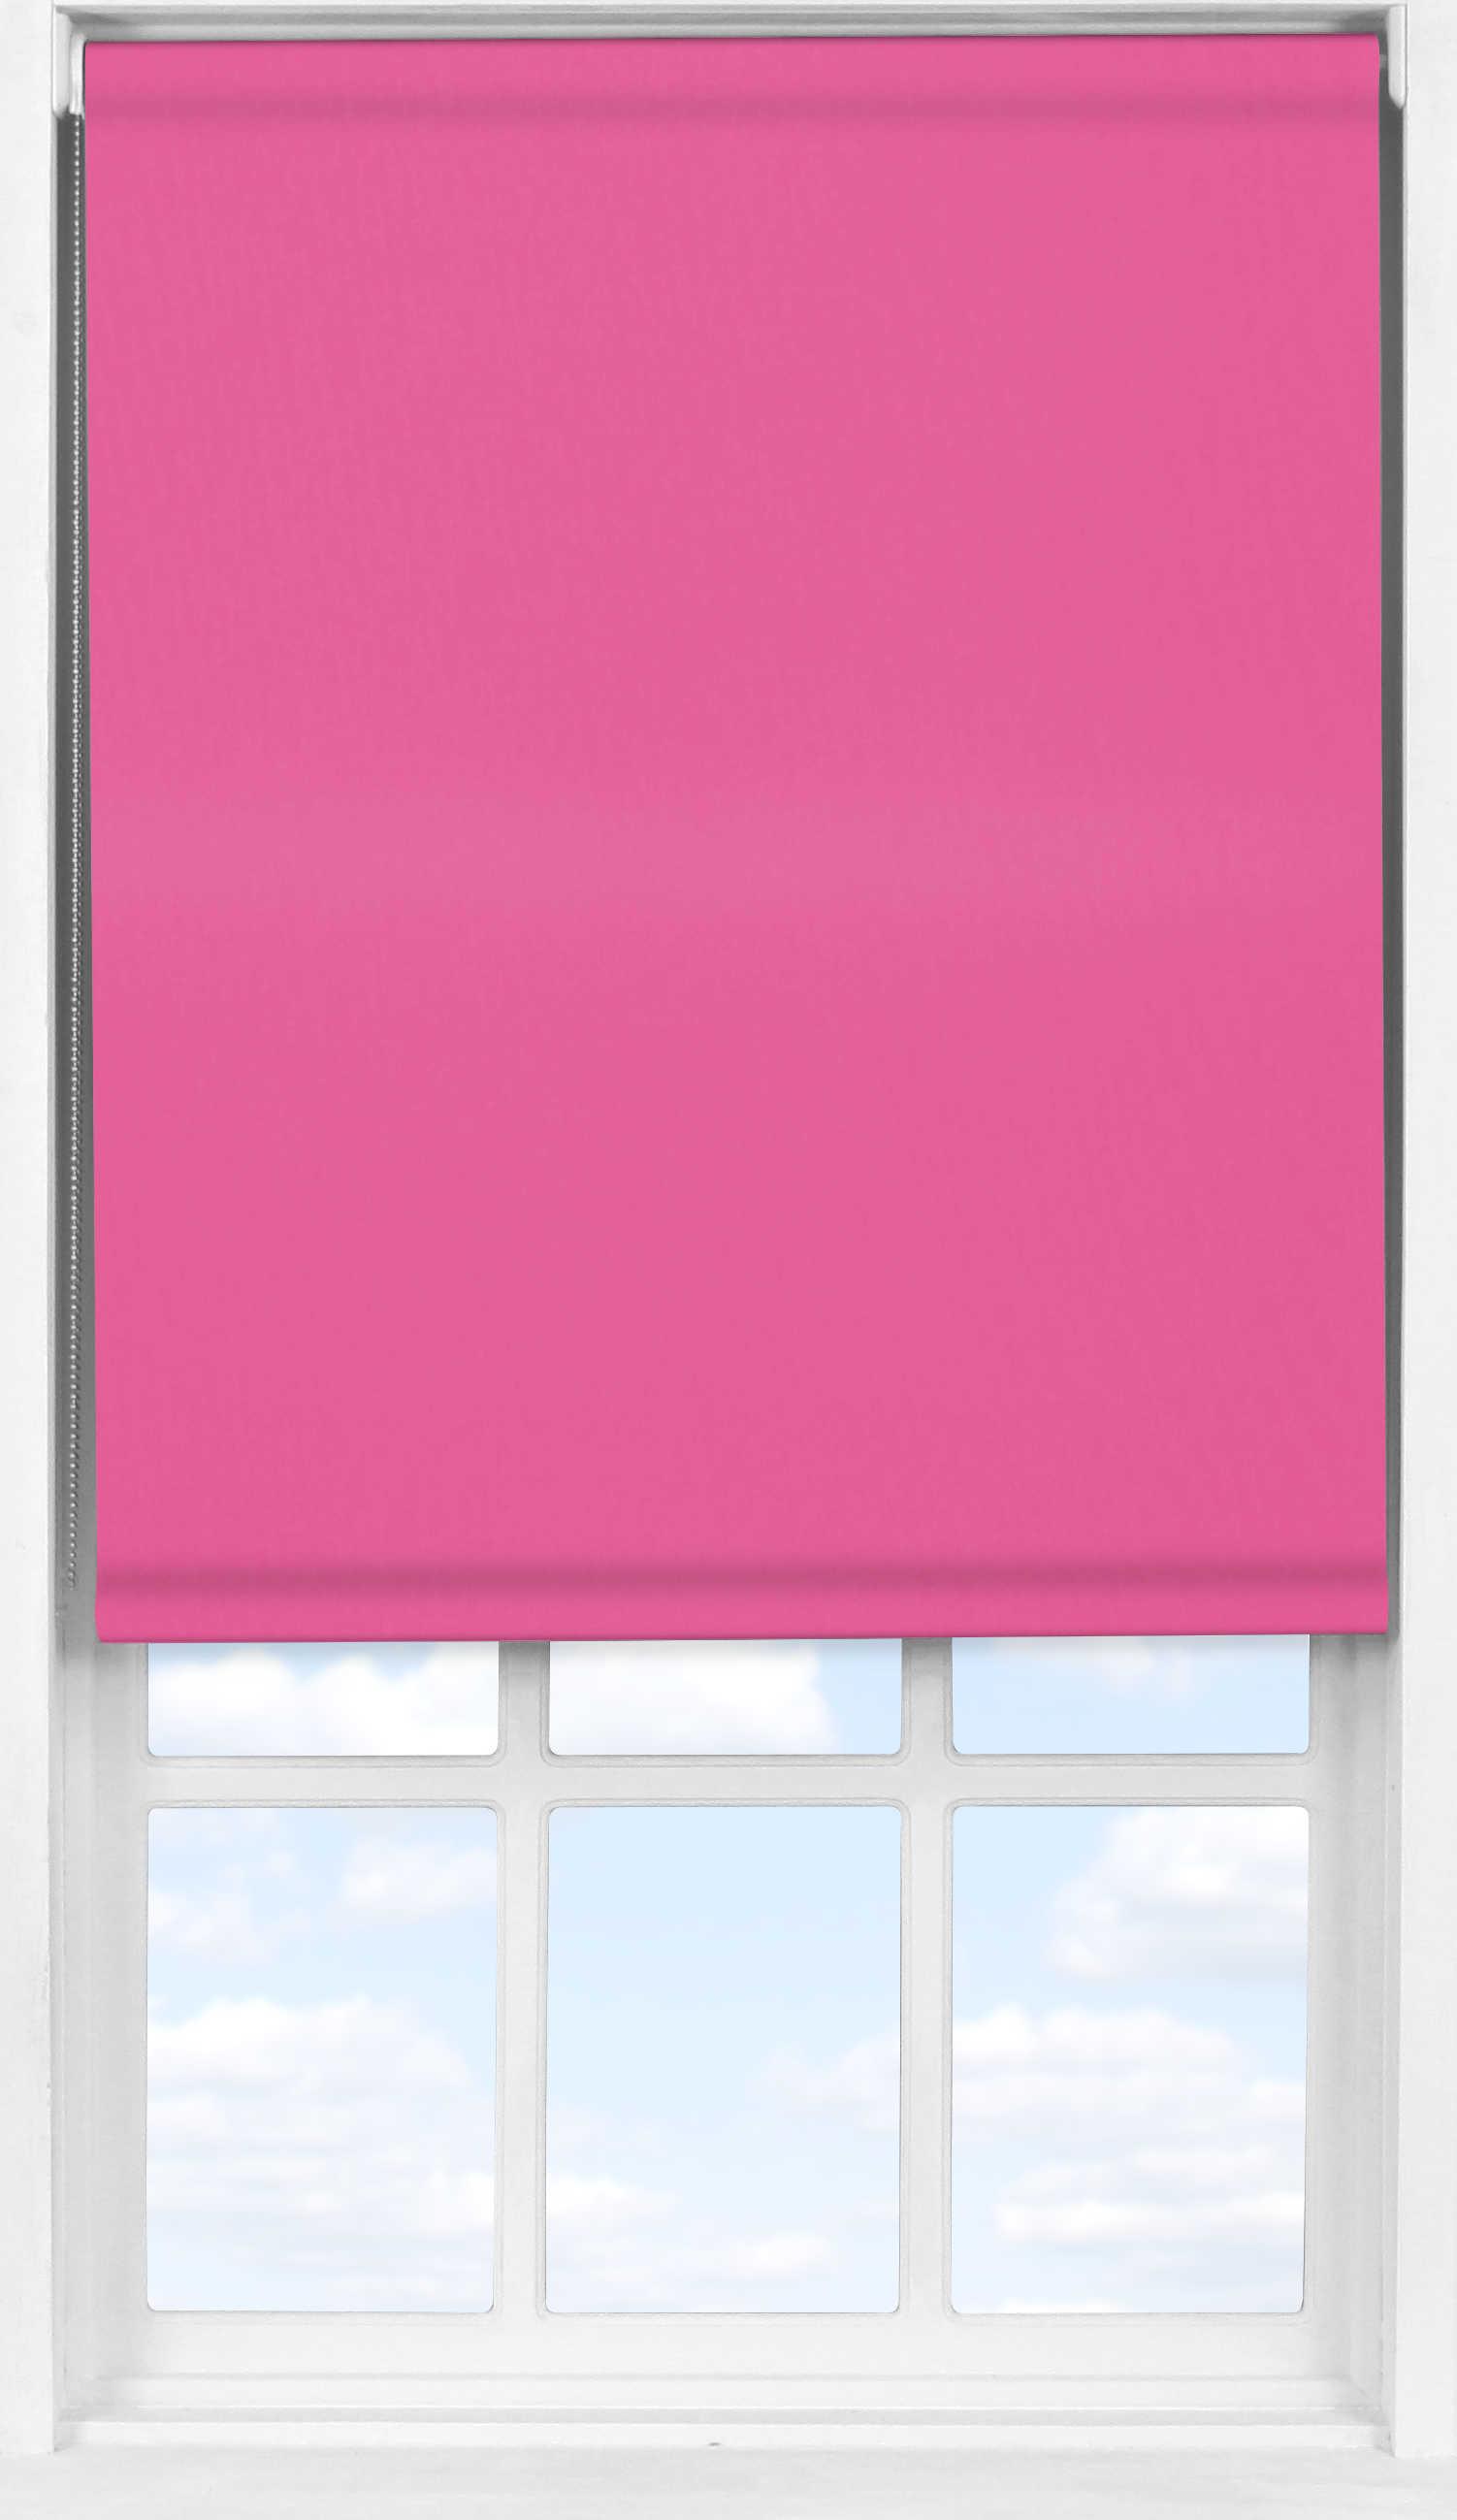 Easifit Roller Blind in Sugar Pink Blackout